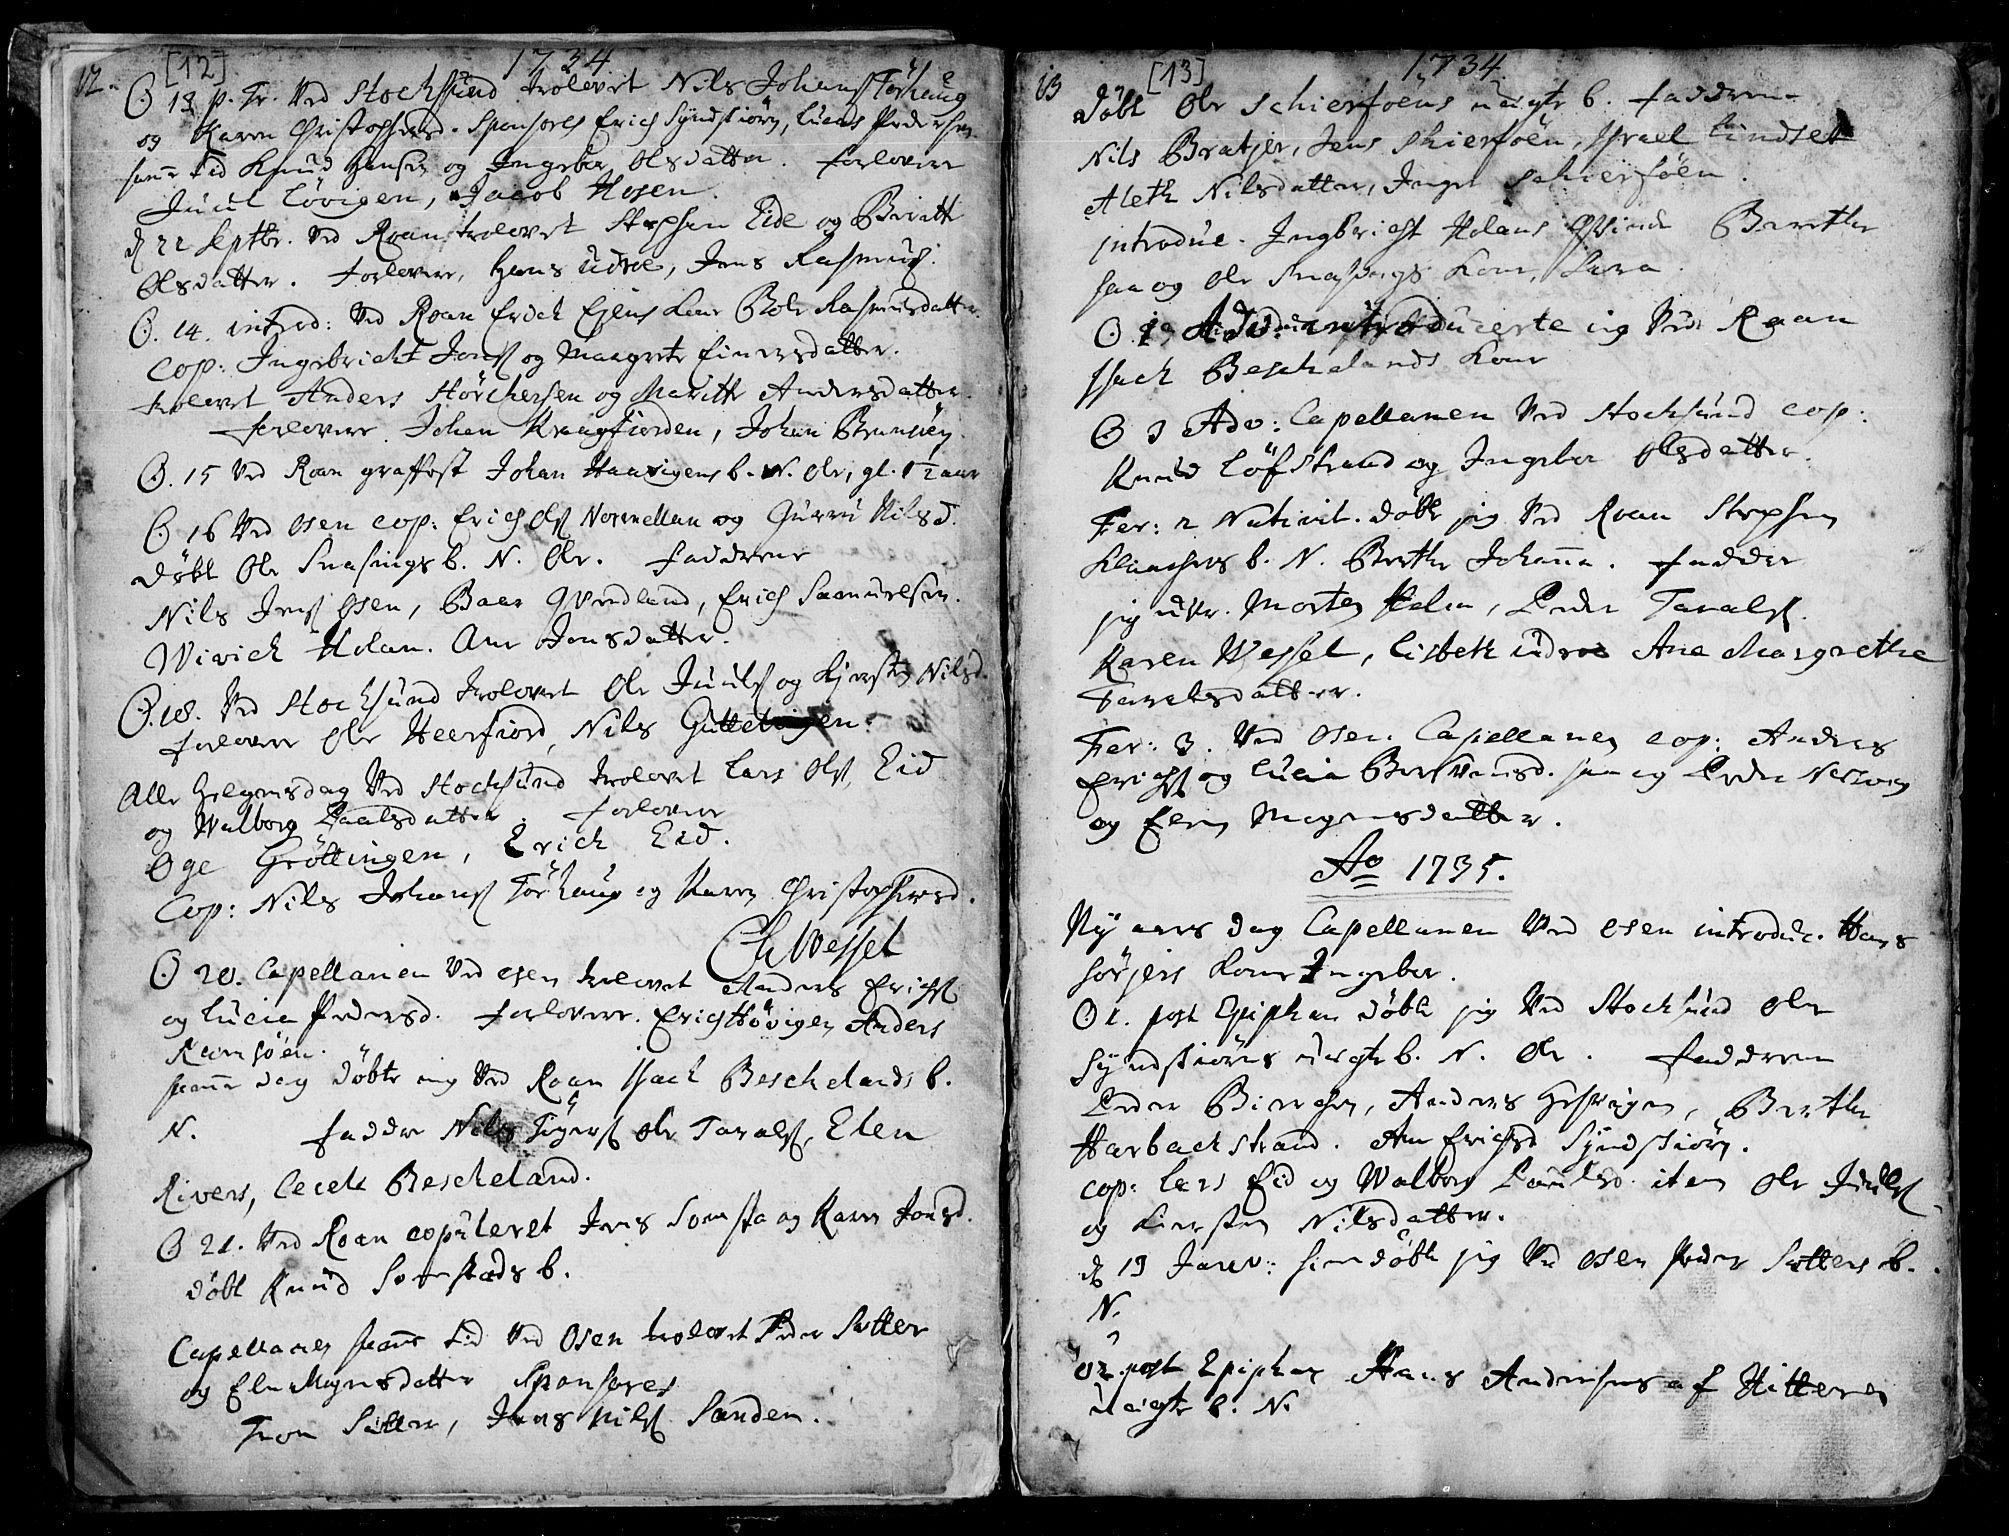 SAT, Ministerialprotokoller, klokkerbøker og fødselsregistre - Sør-Trøndelag, 657/L0700: Ministerialbok nr. 657A01, 1732-1801, s. 12-13